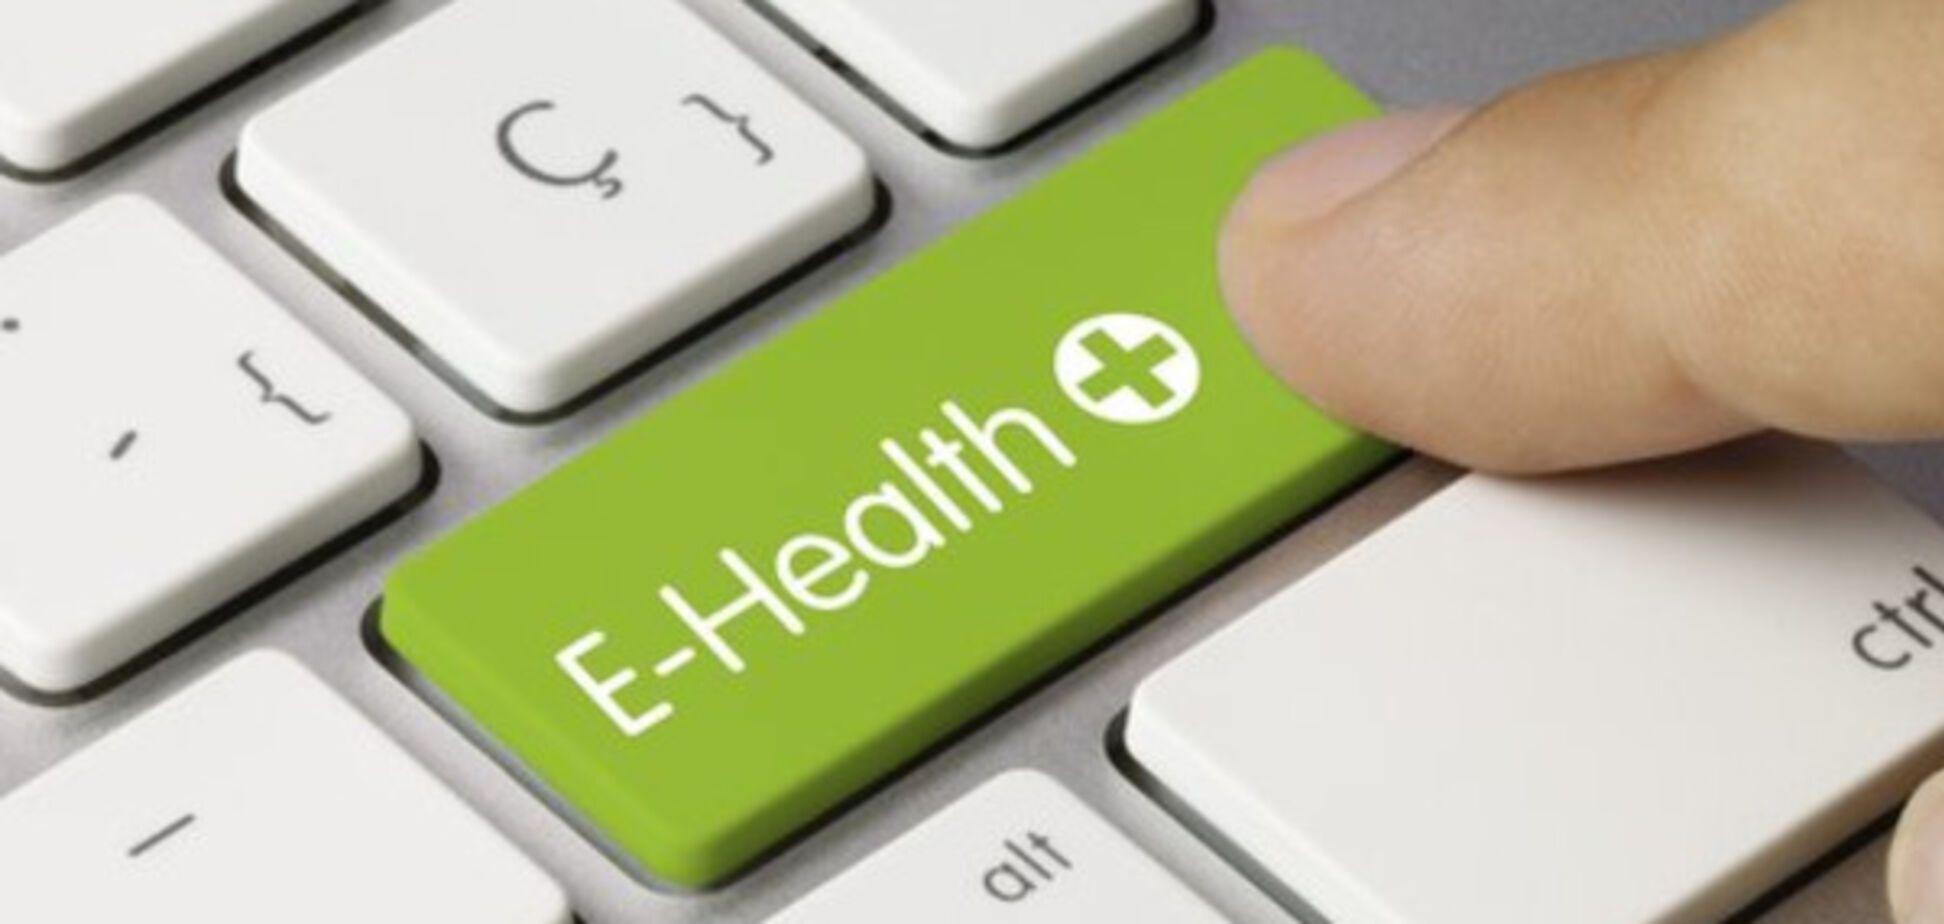 Начинаем реформу с онлайн решения: в Украине стартовала электронная система здравоохранения